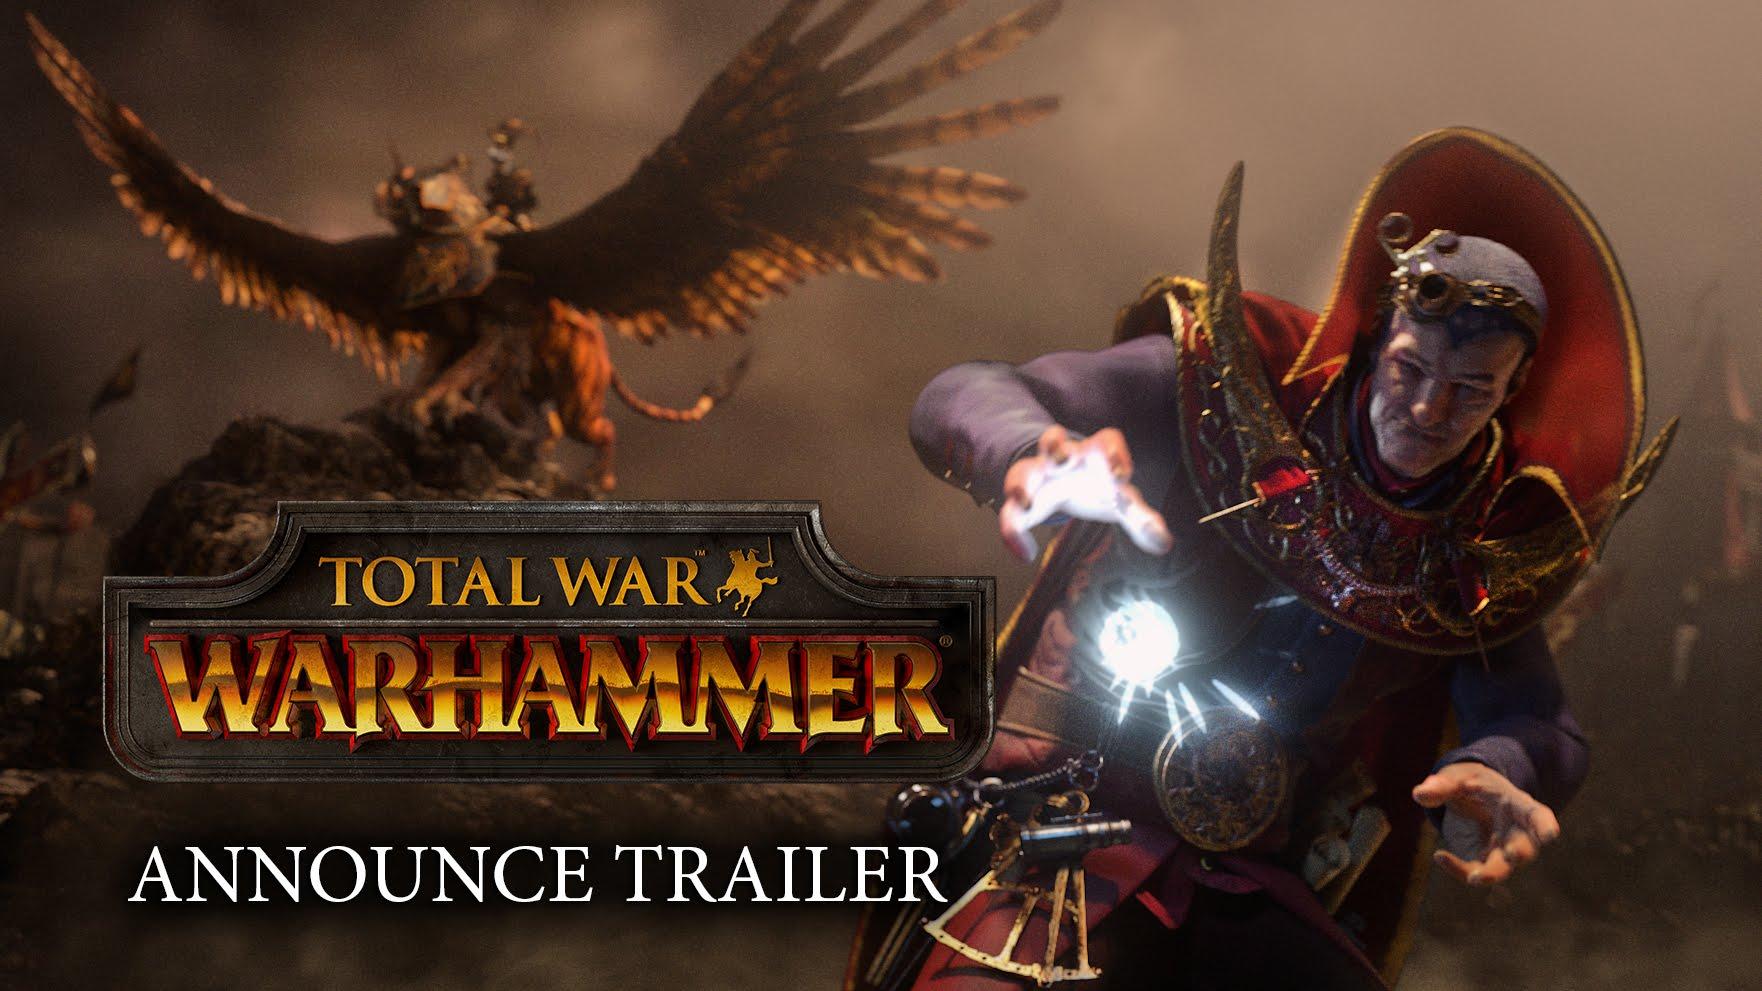 TOTAL WAR: WARHAMMER mit cinematischem Trailer angekündigt